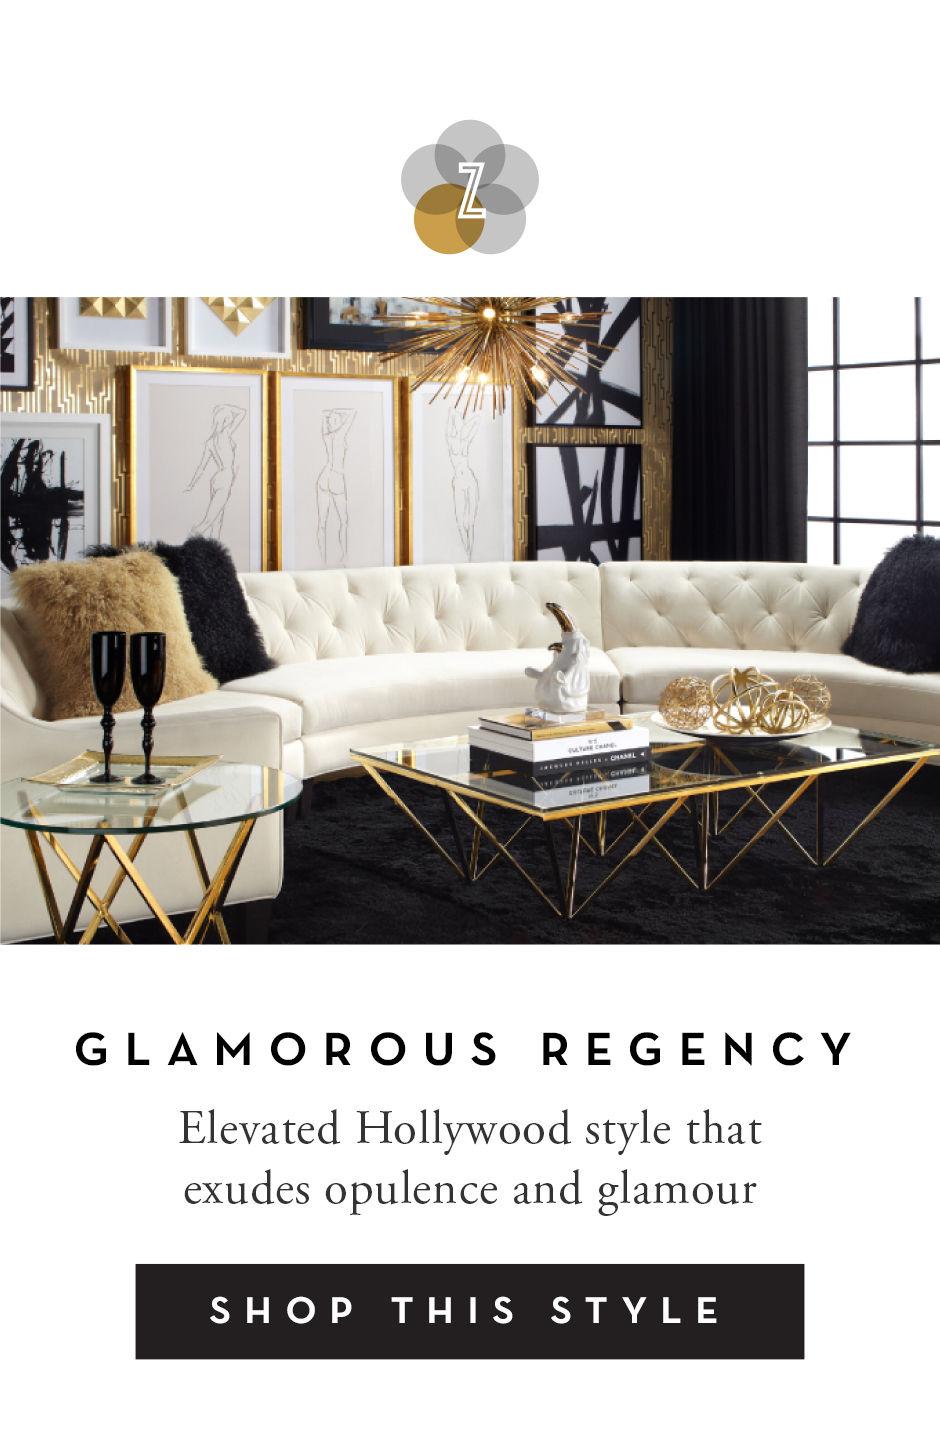 Glamorous Regency